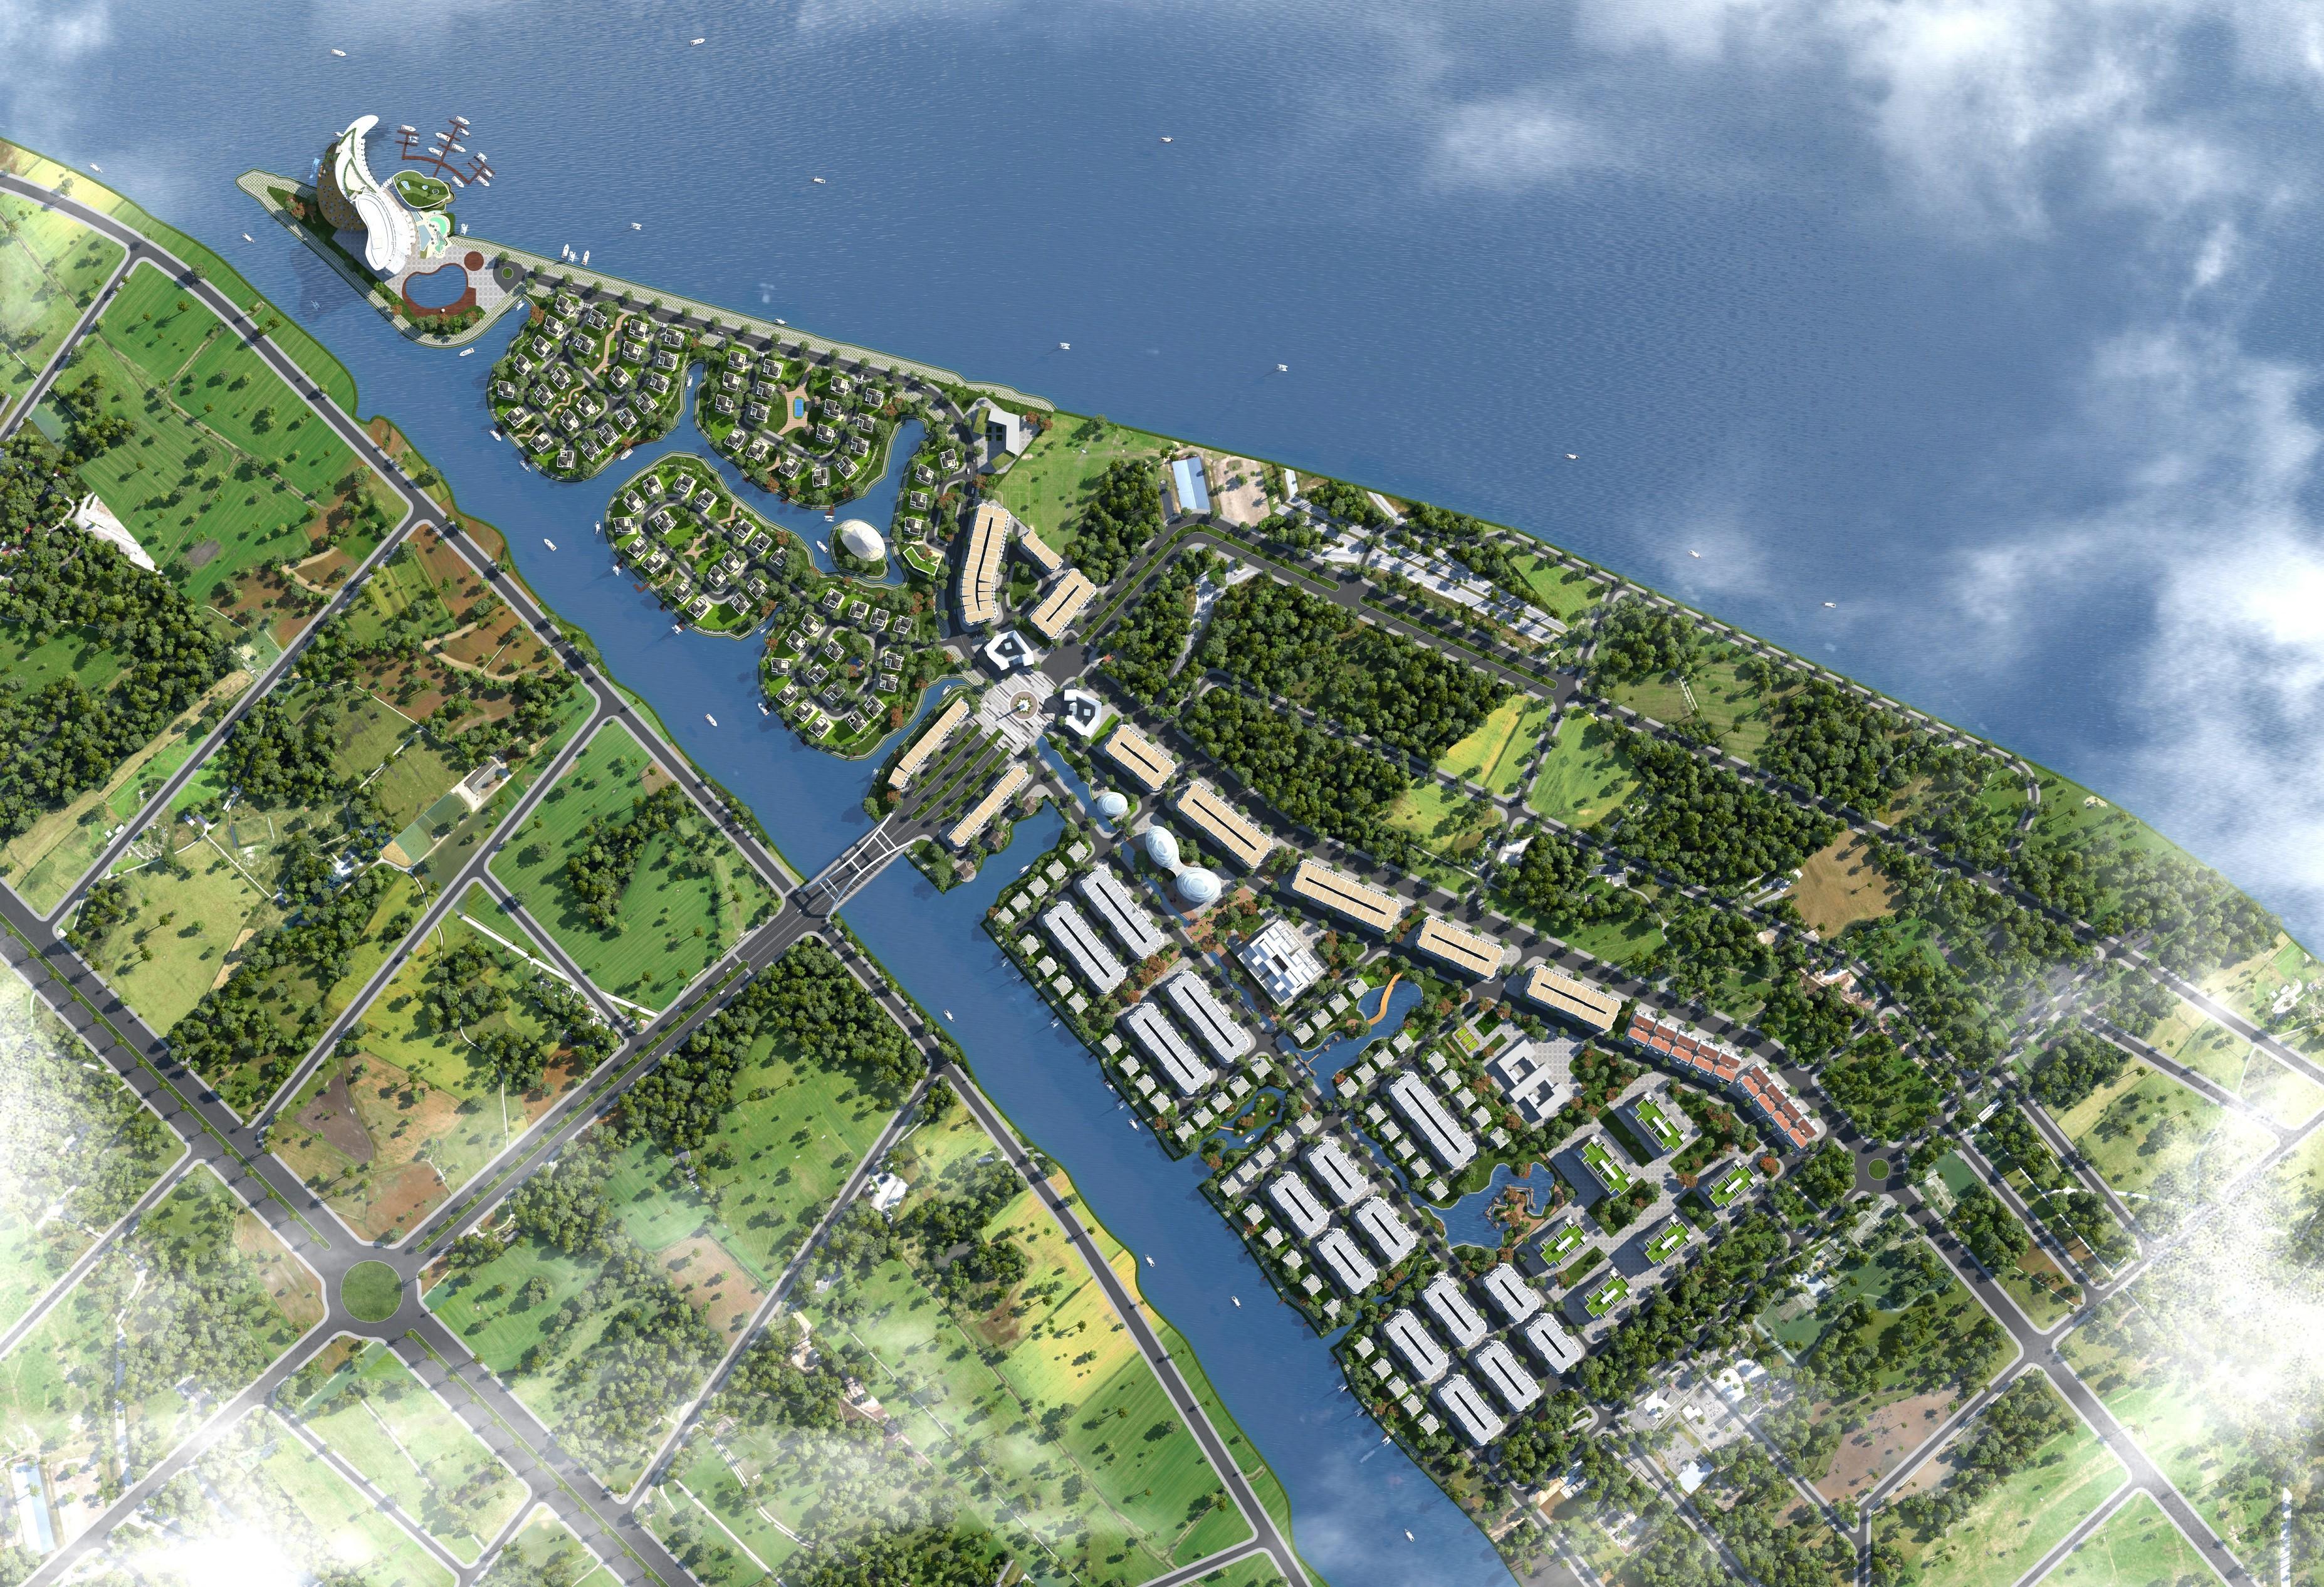 Lấn sân sang bất động sản, Hòa Phát khảo sát xây khu đô thị hơn 450ha ở Cần Thơ